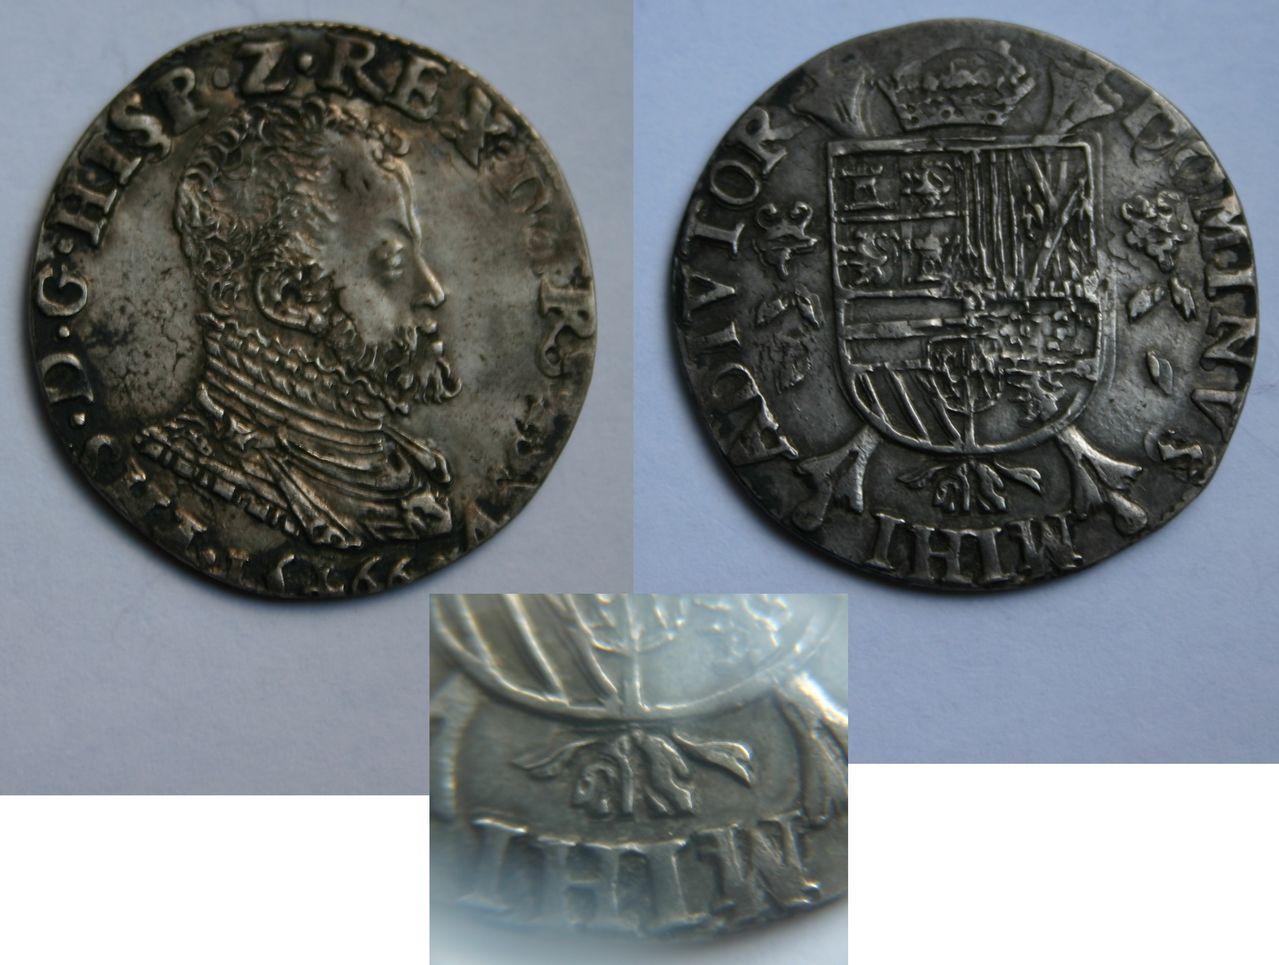 1/5 escudo 1566. Felipe II. Overijssel. 1_5_Philipsdaalder_1566_Overijssel